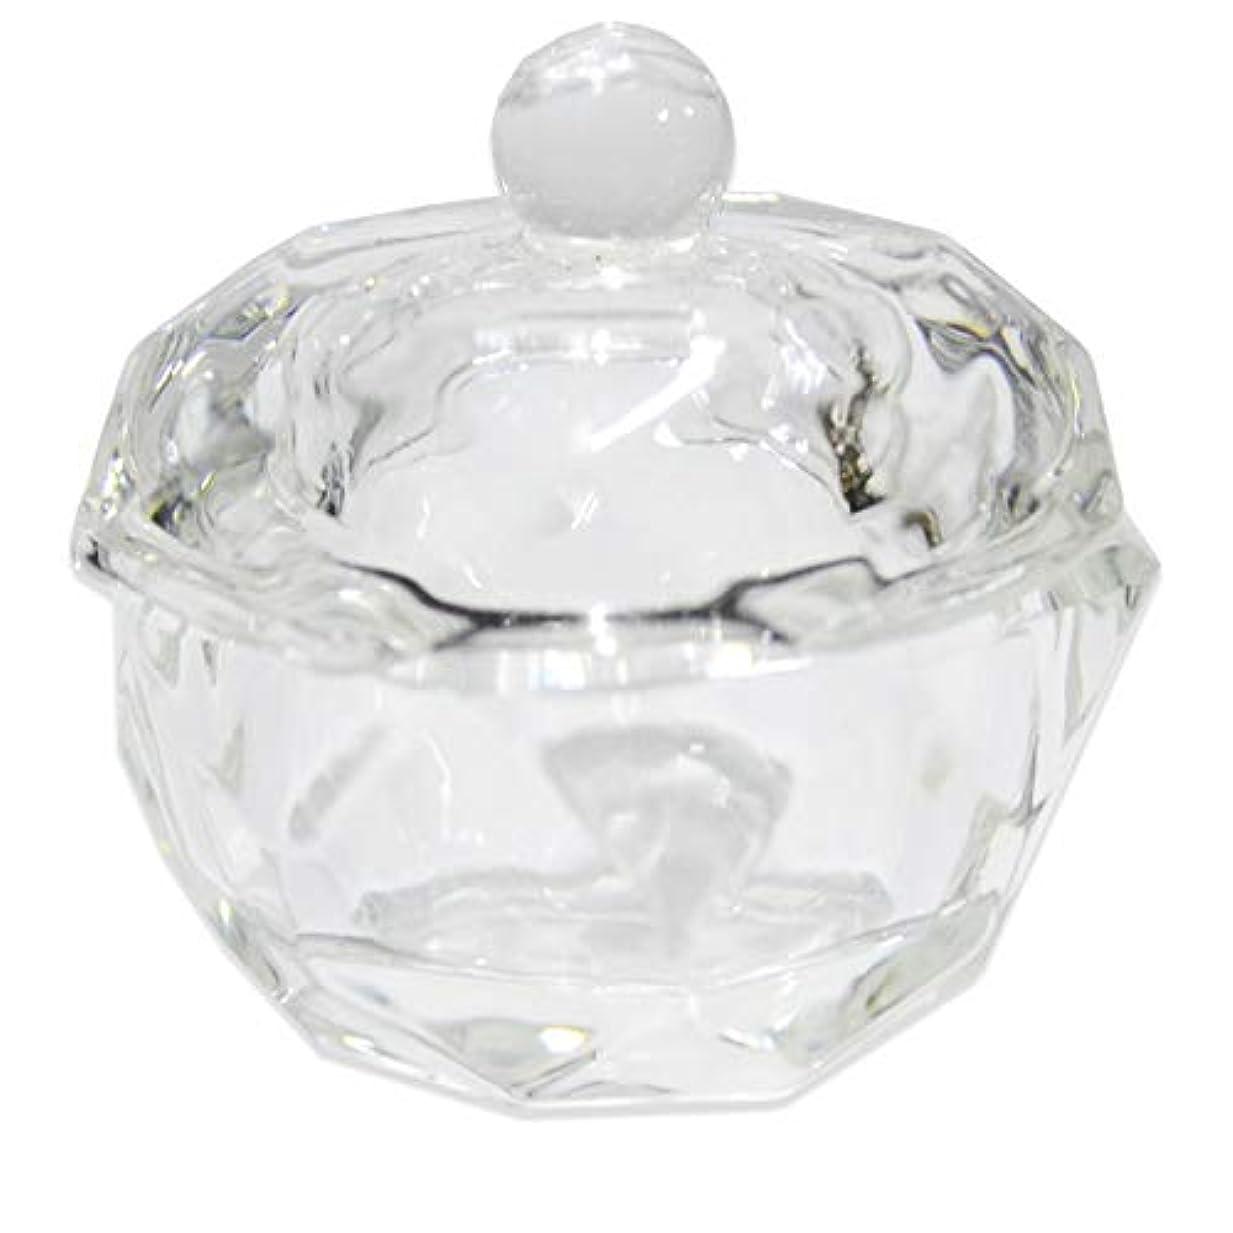 ネックレット同等のベッドを作るクリスタル オクタゴン ダッペンディッシュ/ガラスの蓋付き/八角形